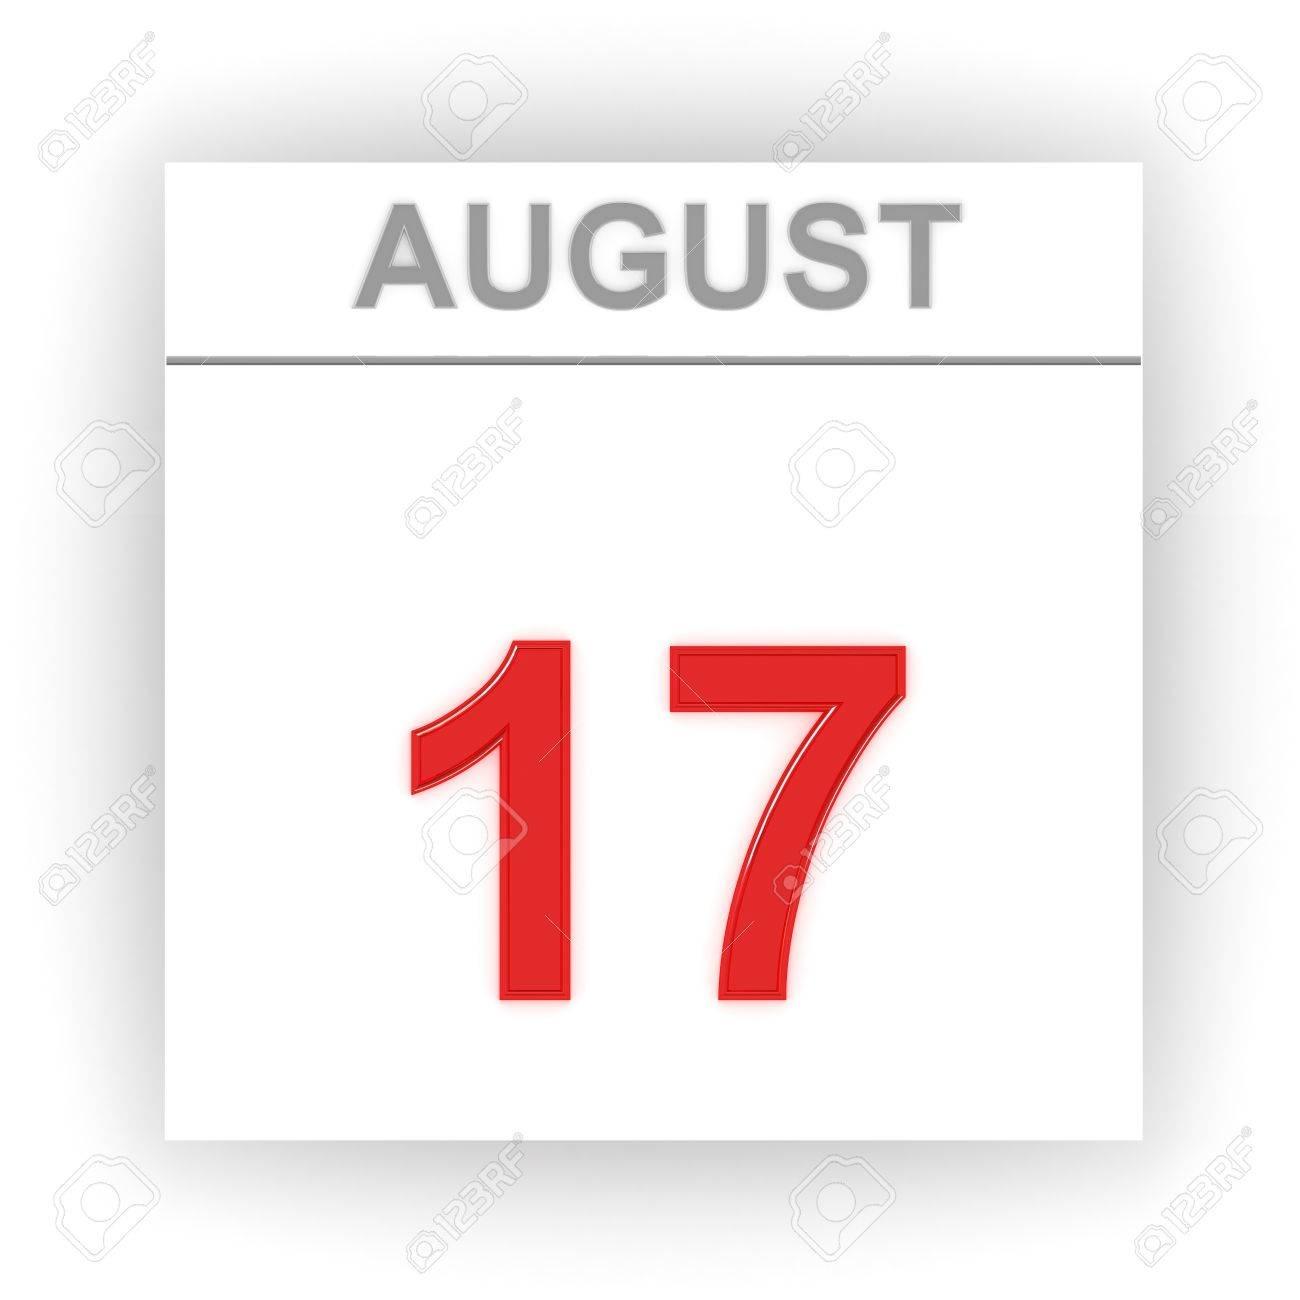 17 De Agosto Día En El Calendario. 3D Fotos, Retratos, Imágenes Y within Imagen 17 De Agosto En Calendario